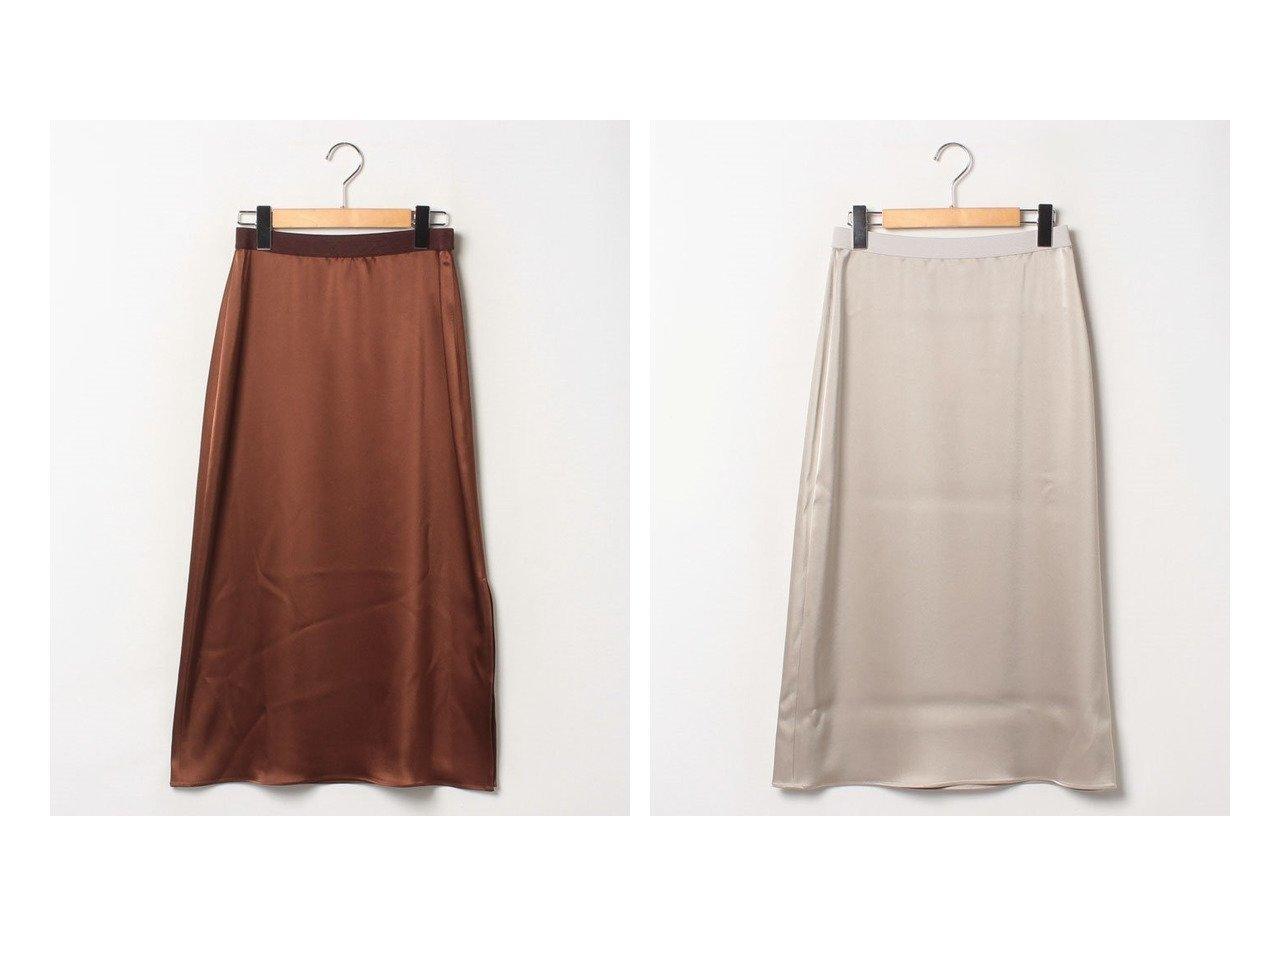 【theory/セオリー】のスカート FLAT SATEEN MAXI SLIP SKI スカートのおすすめ!人気、トレンド・レディースファッションの通販 おすすめで人気の流行・トレンド、ファッションの通販商品 メンズファッション・キッズファッション・インテリア・家具・レディースファッション・服の通販 founy(ファニー) https://founy.com/ ファッション Fashion レディースファッション WOMEN スカート Skirt Aライン/フレアスカート Flared A-Line Skirts エレガント ギャザー サテン シンプル スリット フレア マキシ |ID:crp329100000013423